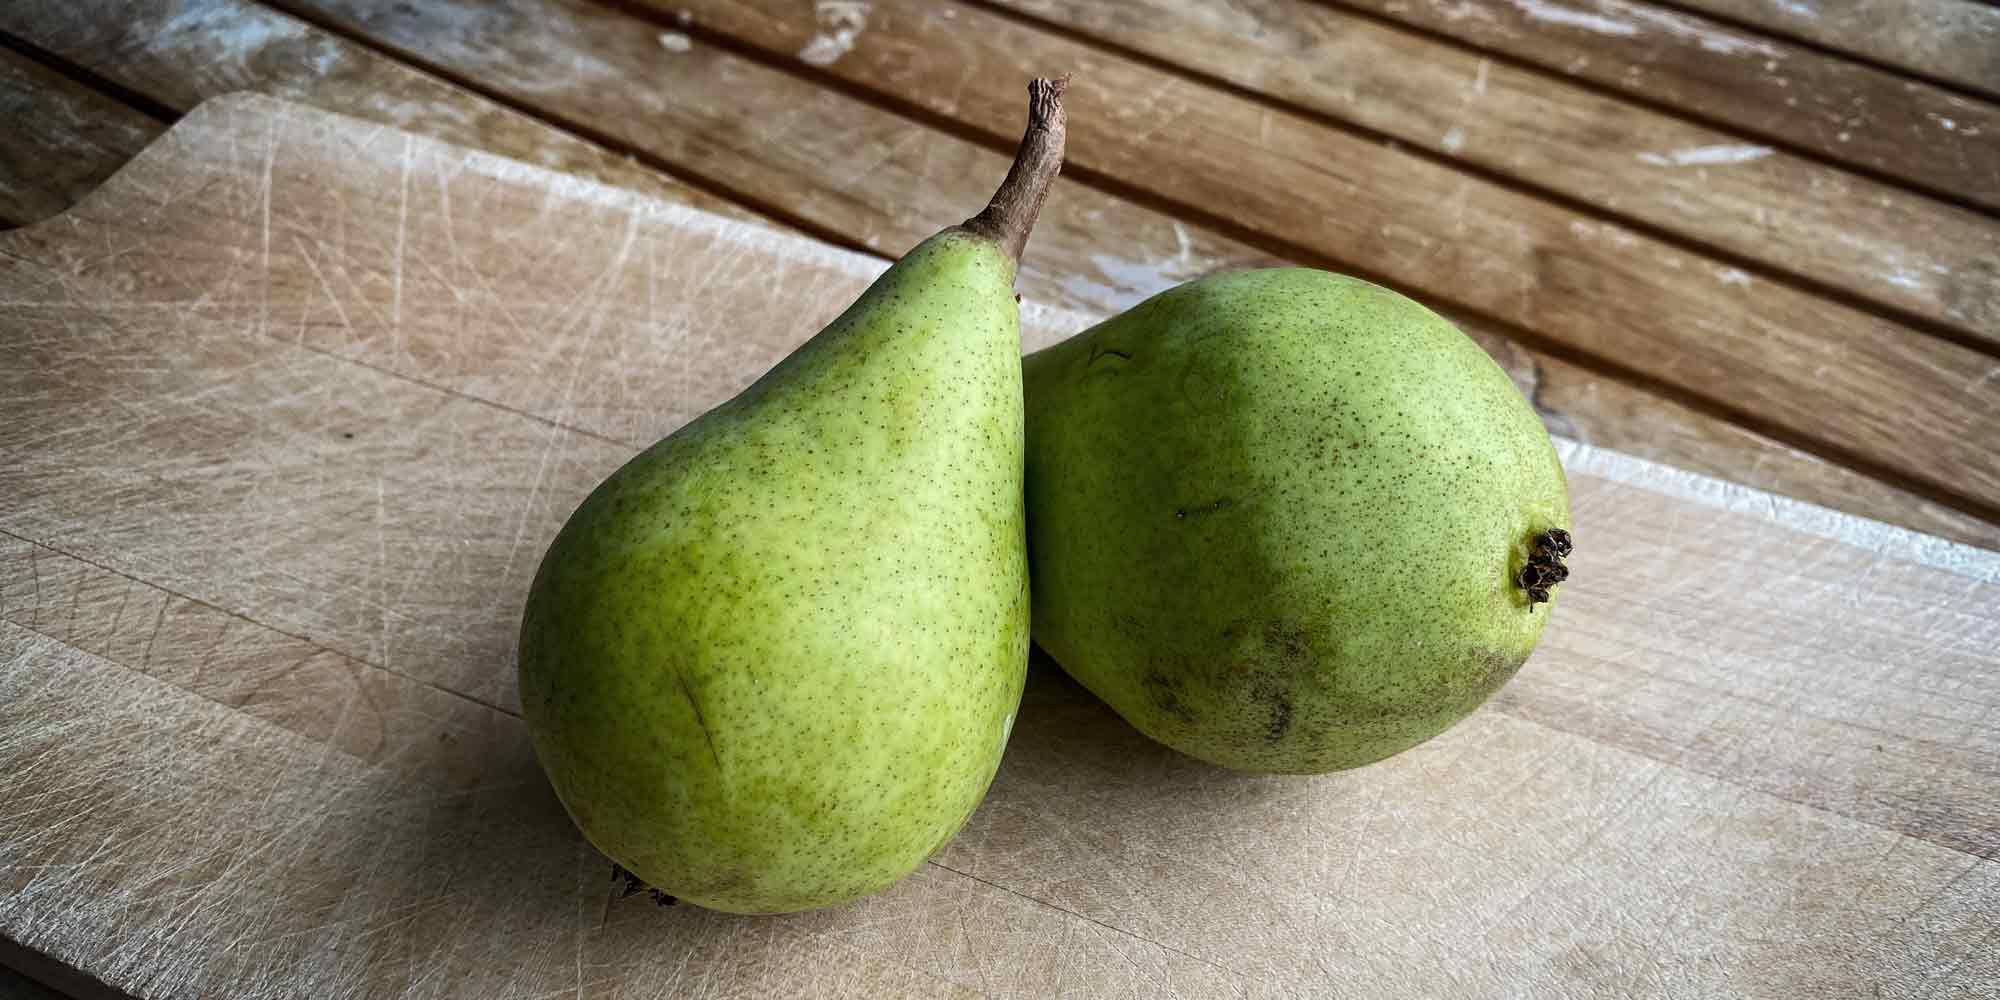 Clapps Liebling stammen von einem robusten Baum und schmecken saftig-süss.